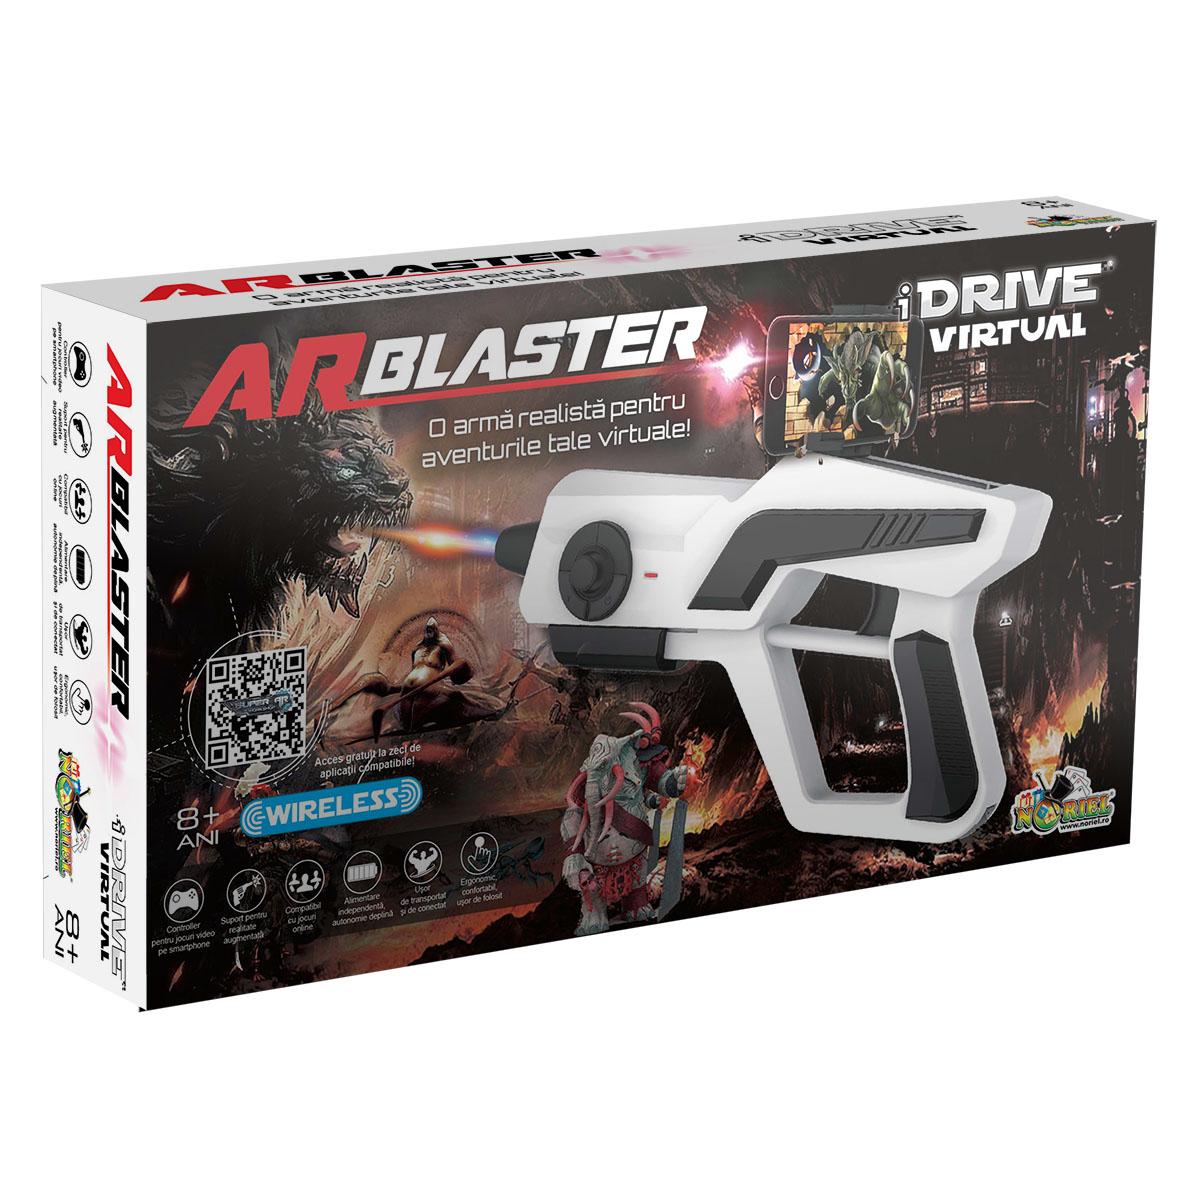 Controller wireless pentru jocuri video AR Blaster iDrive